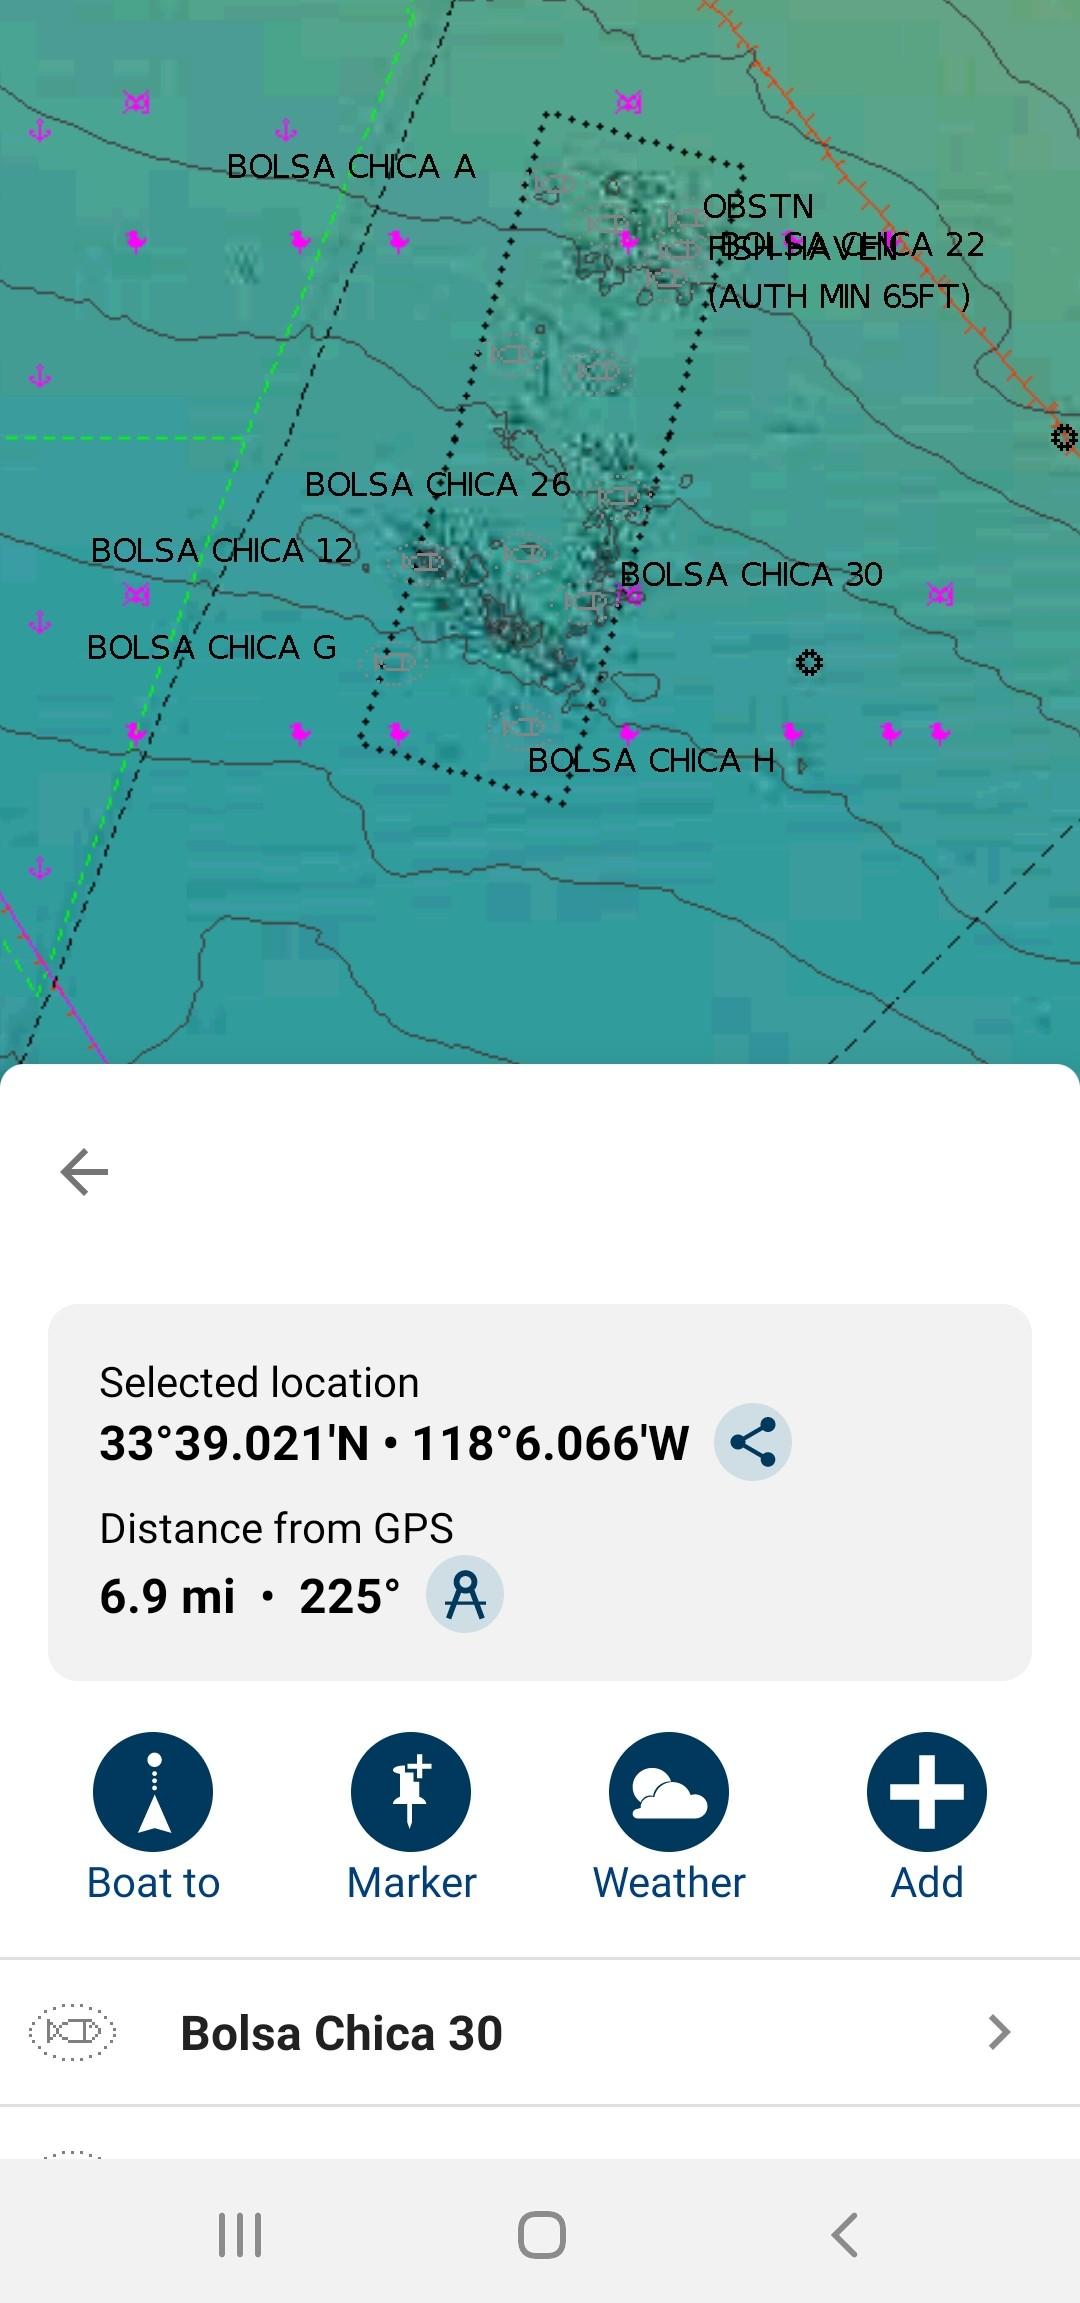 Screenshot_20210608-103548_Boating.jpg